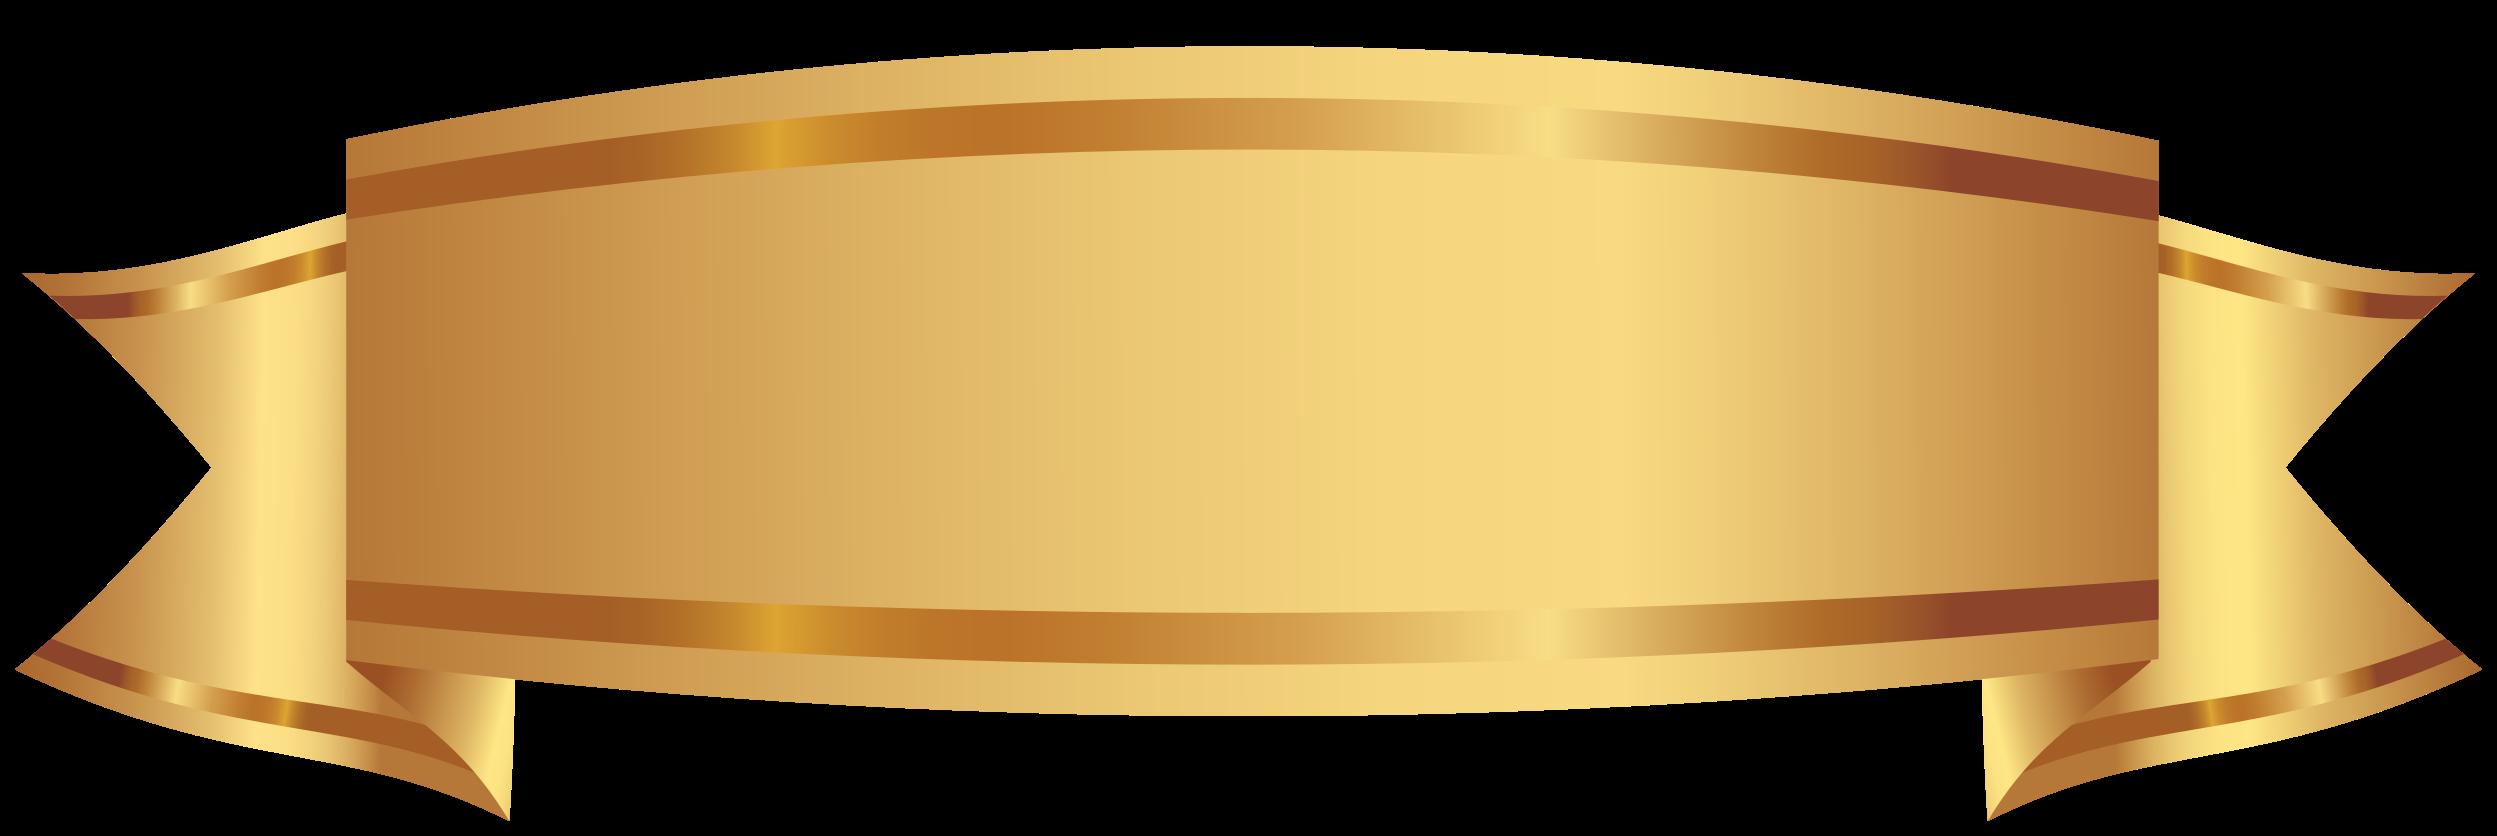 gyllene dekorativa banner png